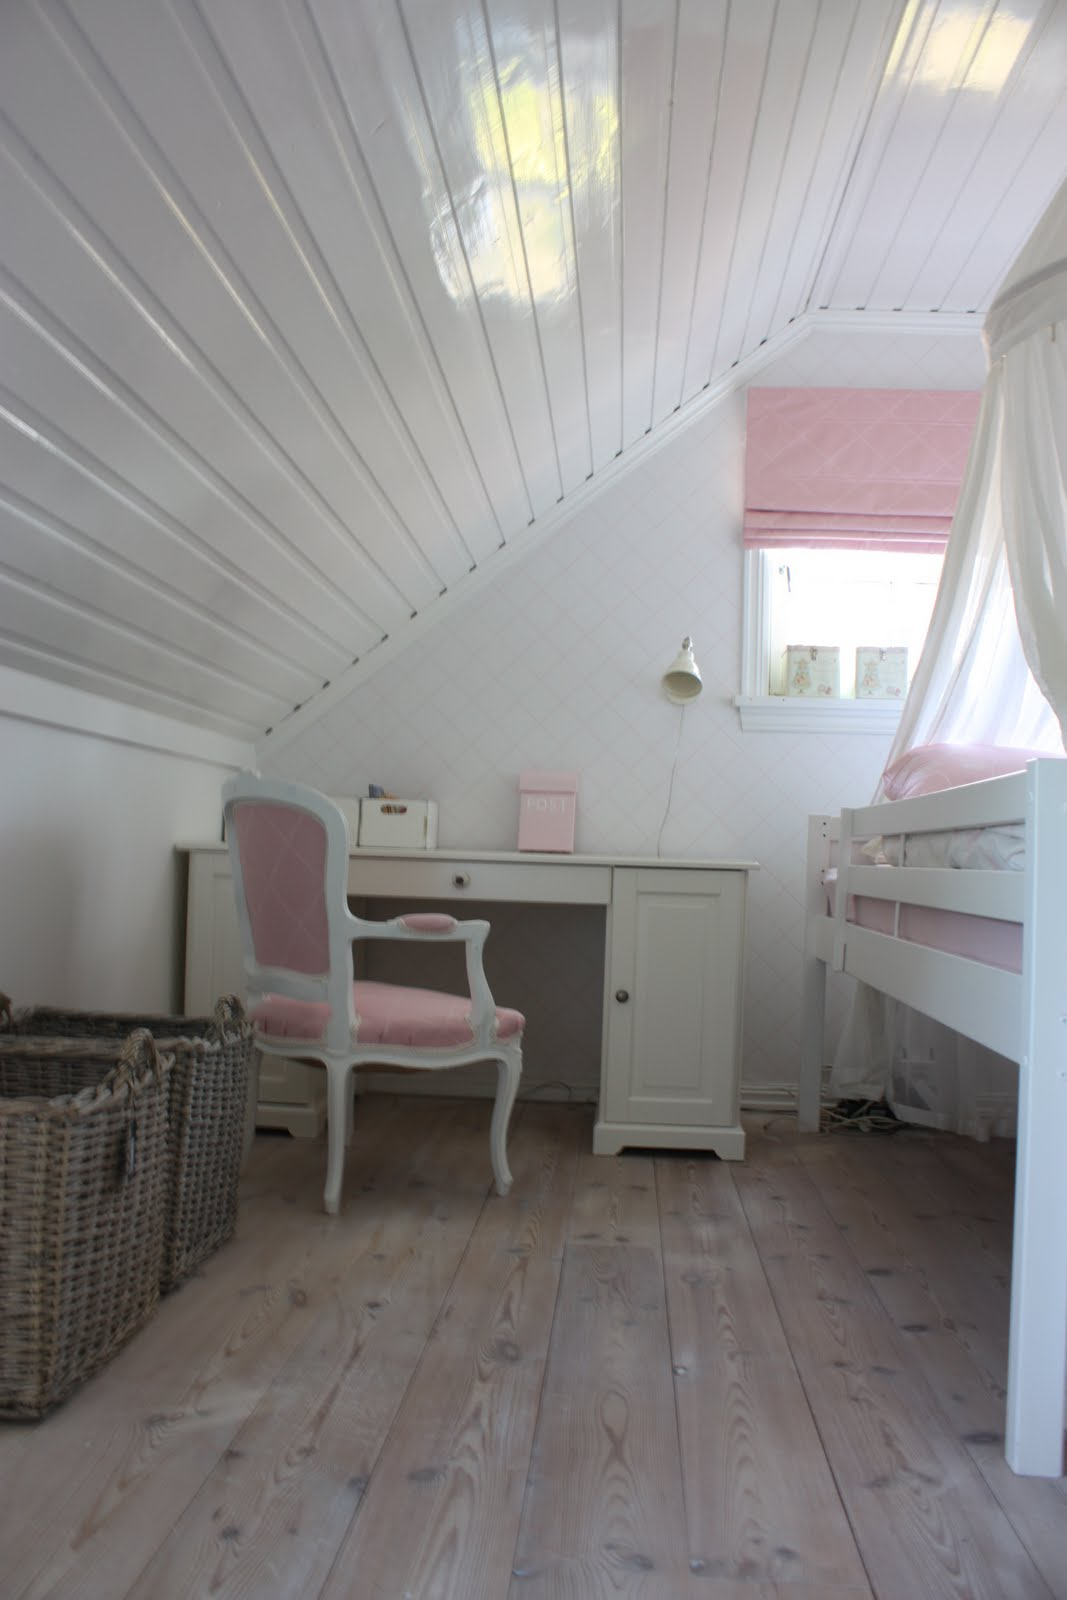 Dette rommet er Maja Sofie p? fem sitt rom.Her sto jo selvf?lgelig ...